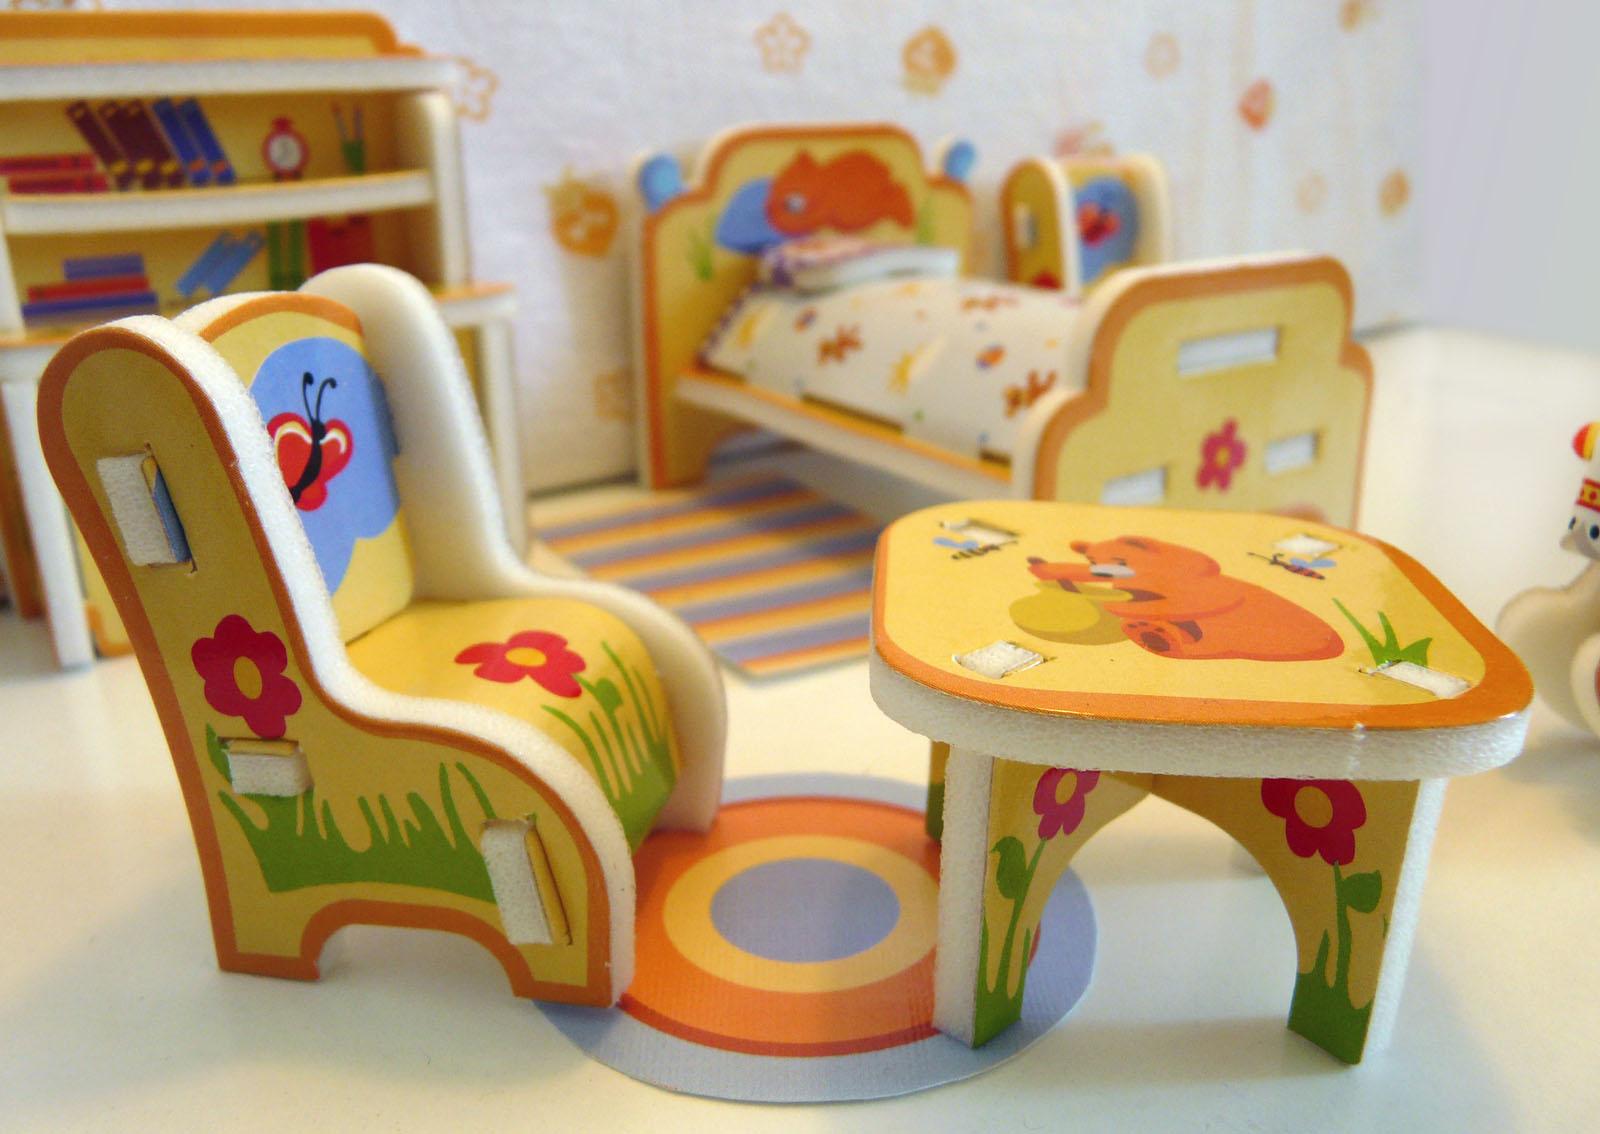 Фото мебель для детской комнаты своими руками